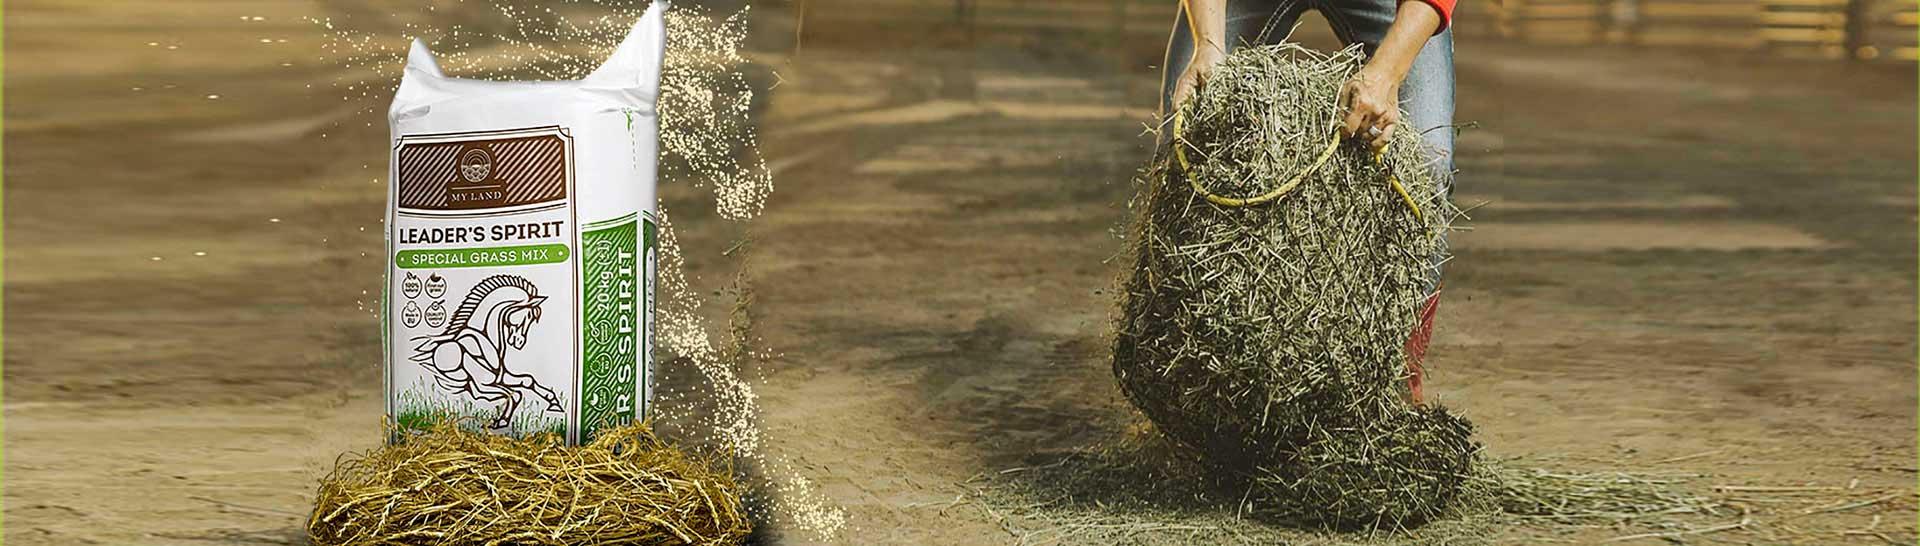 Promotion sur le foin enrubanné - Alimentation cheval